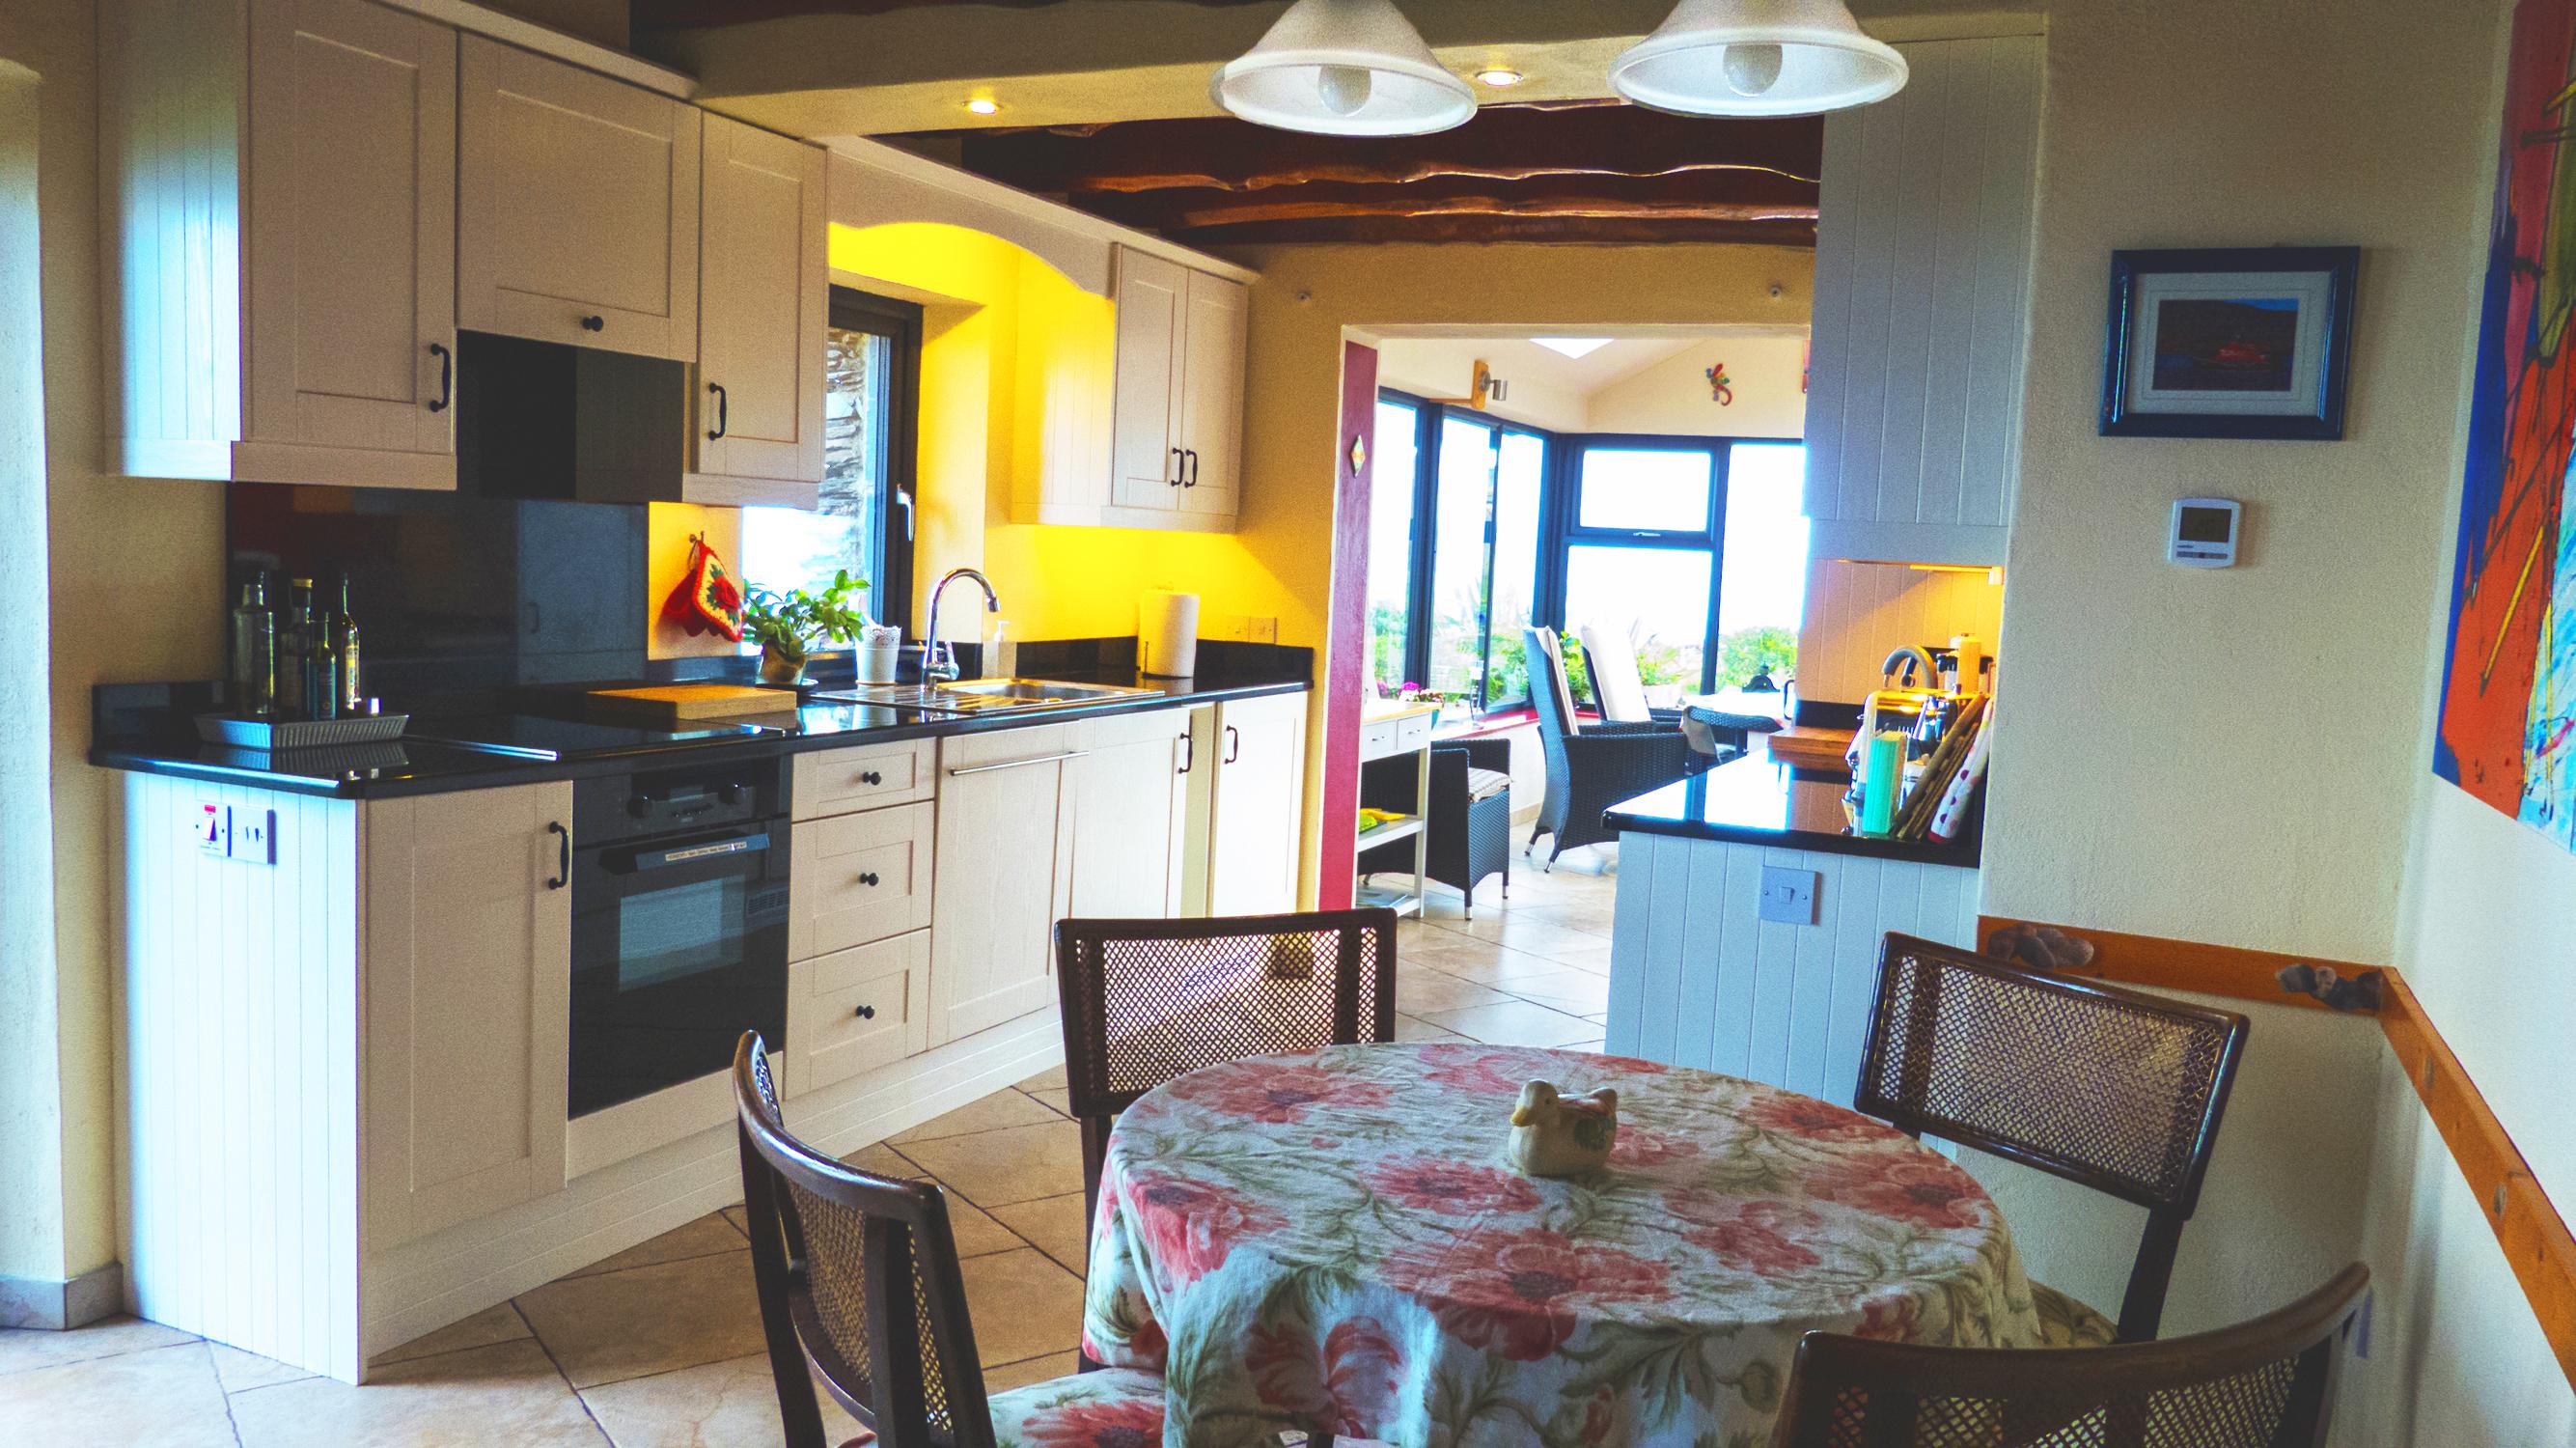 Ungewöhnlich Küche Bilder Irland Galerie - Küche Set Ideen ...